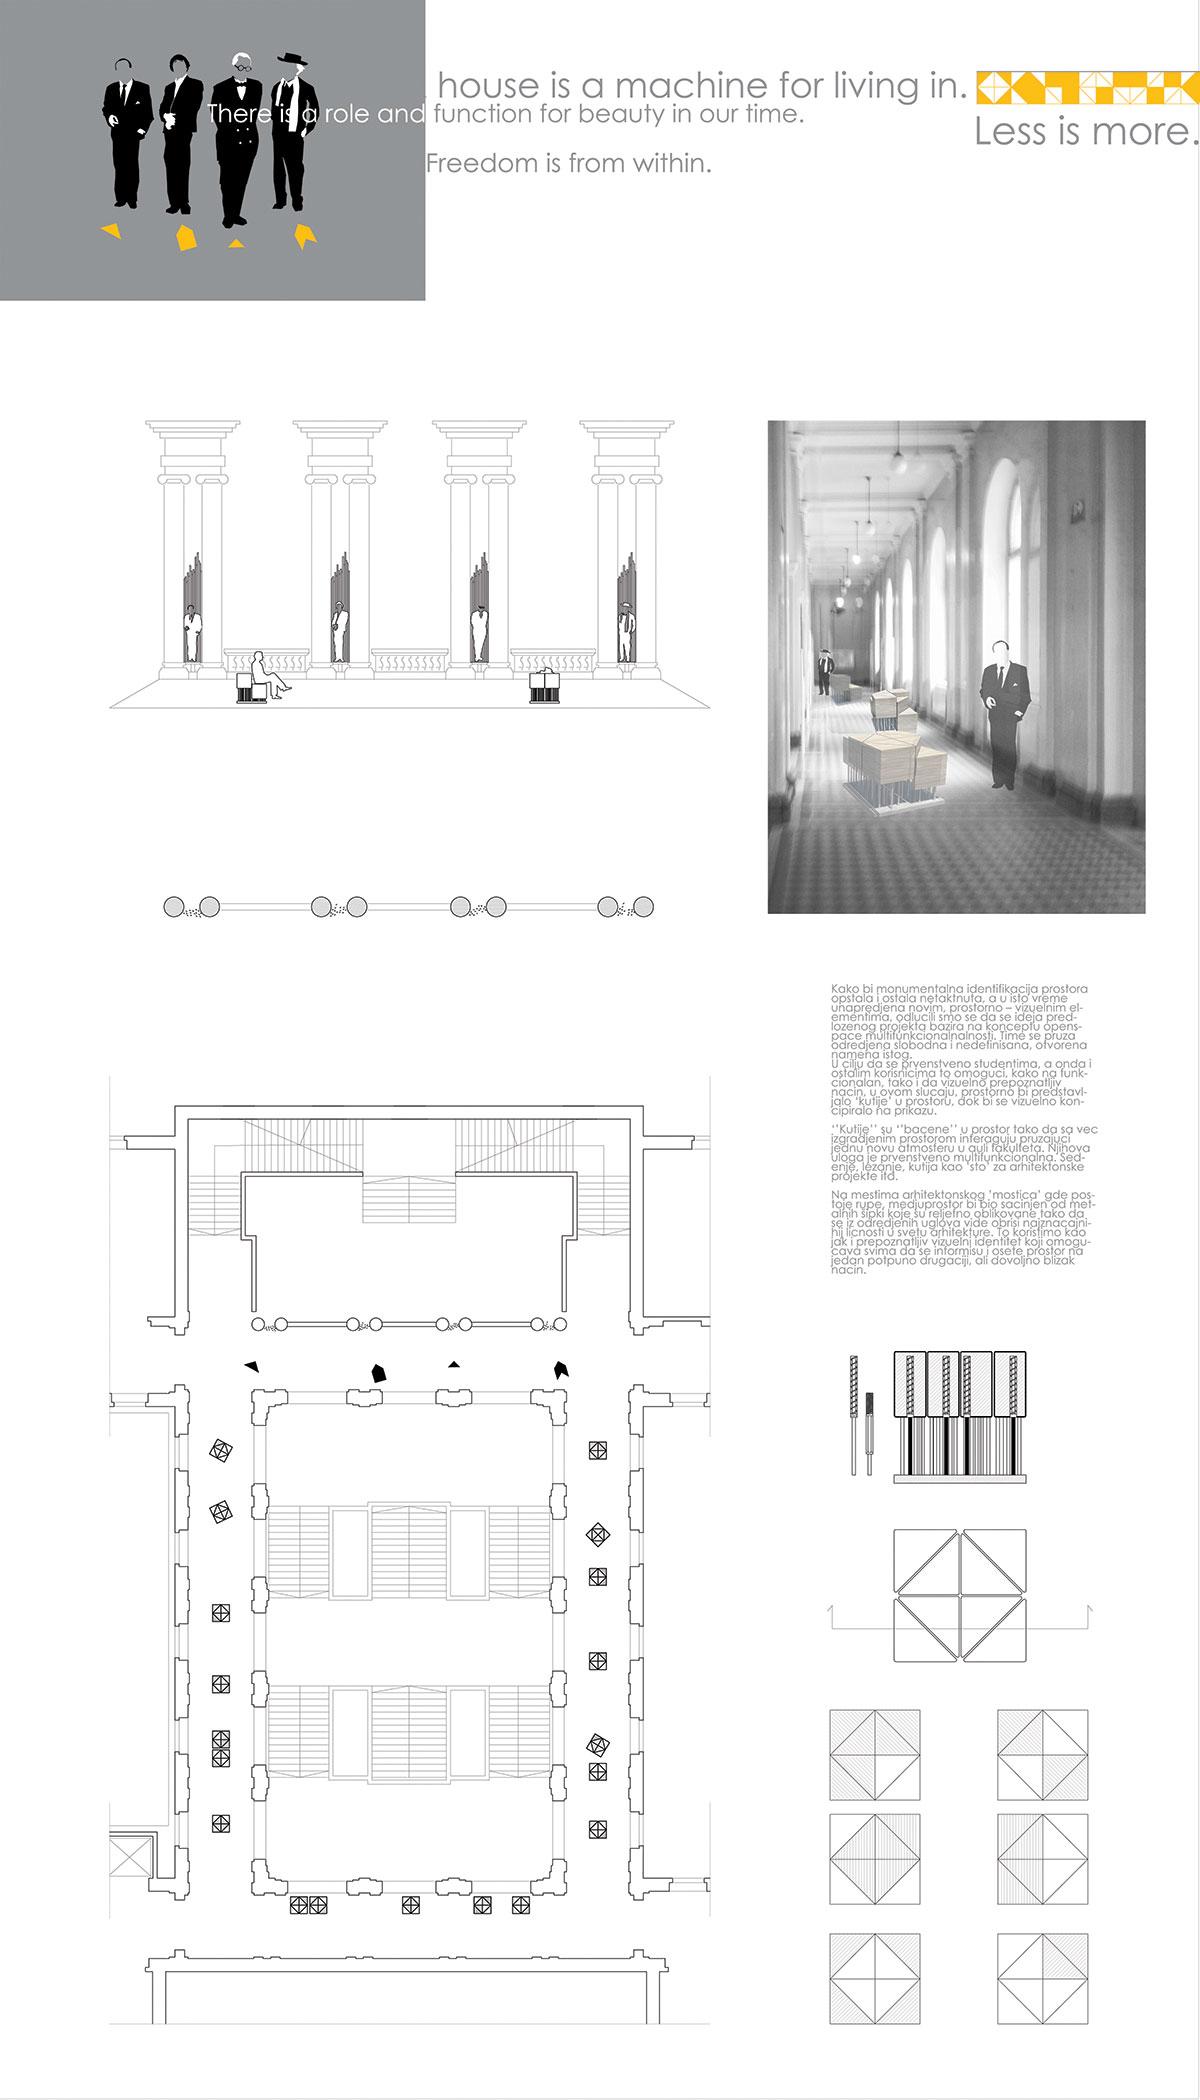 aula_P2V4J3